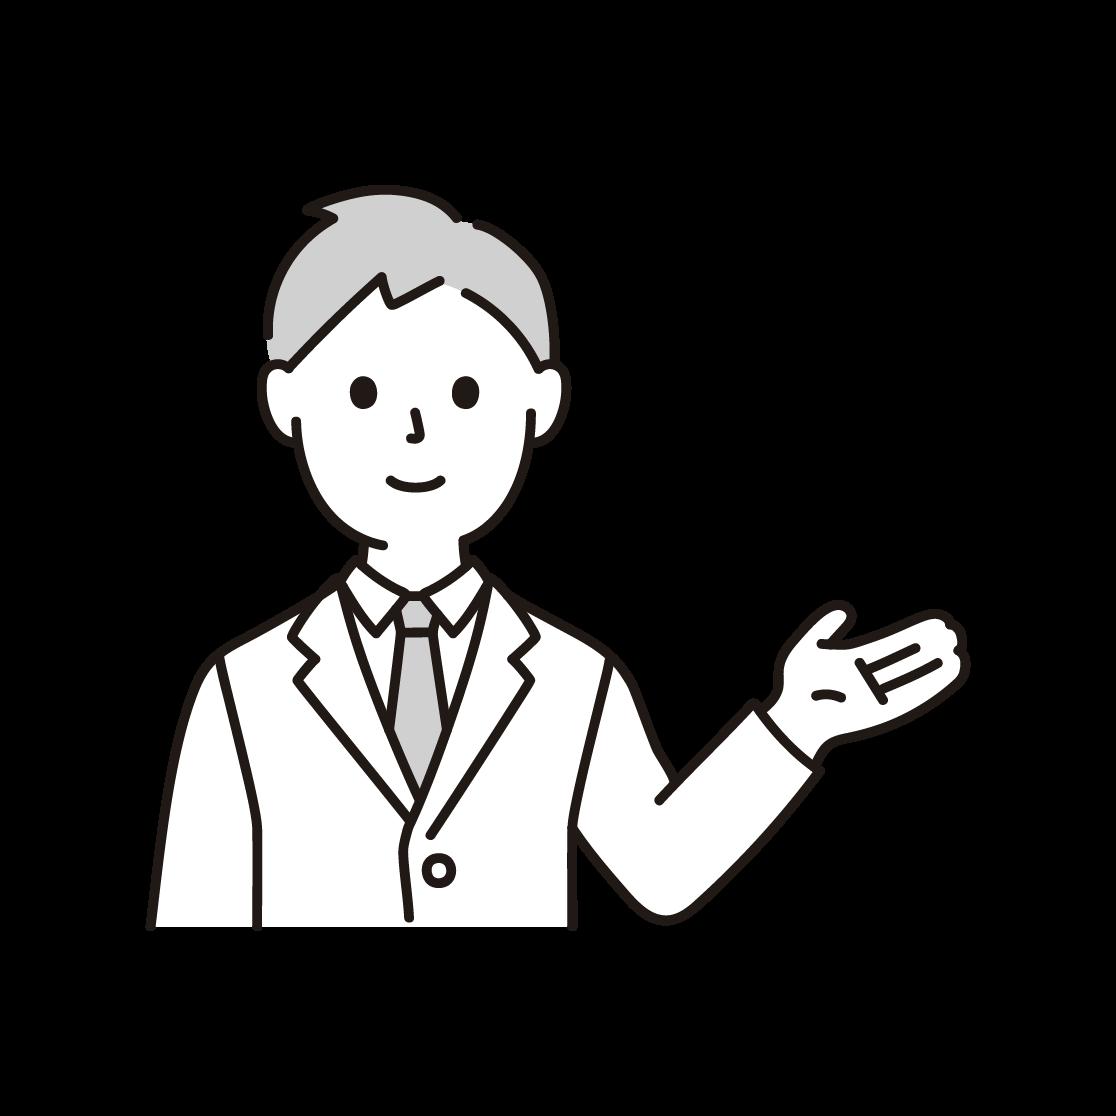 案内するビジネスマンの単色イラスト